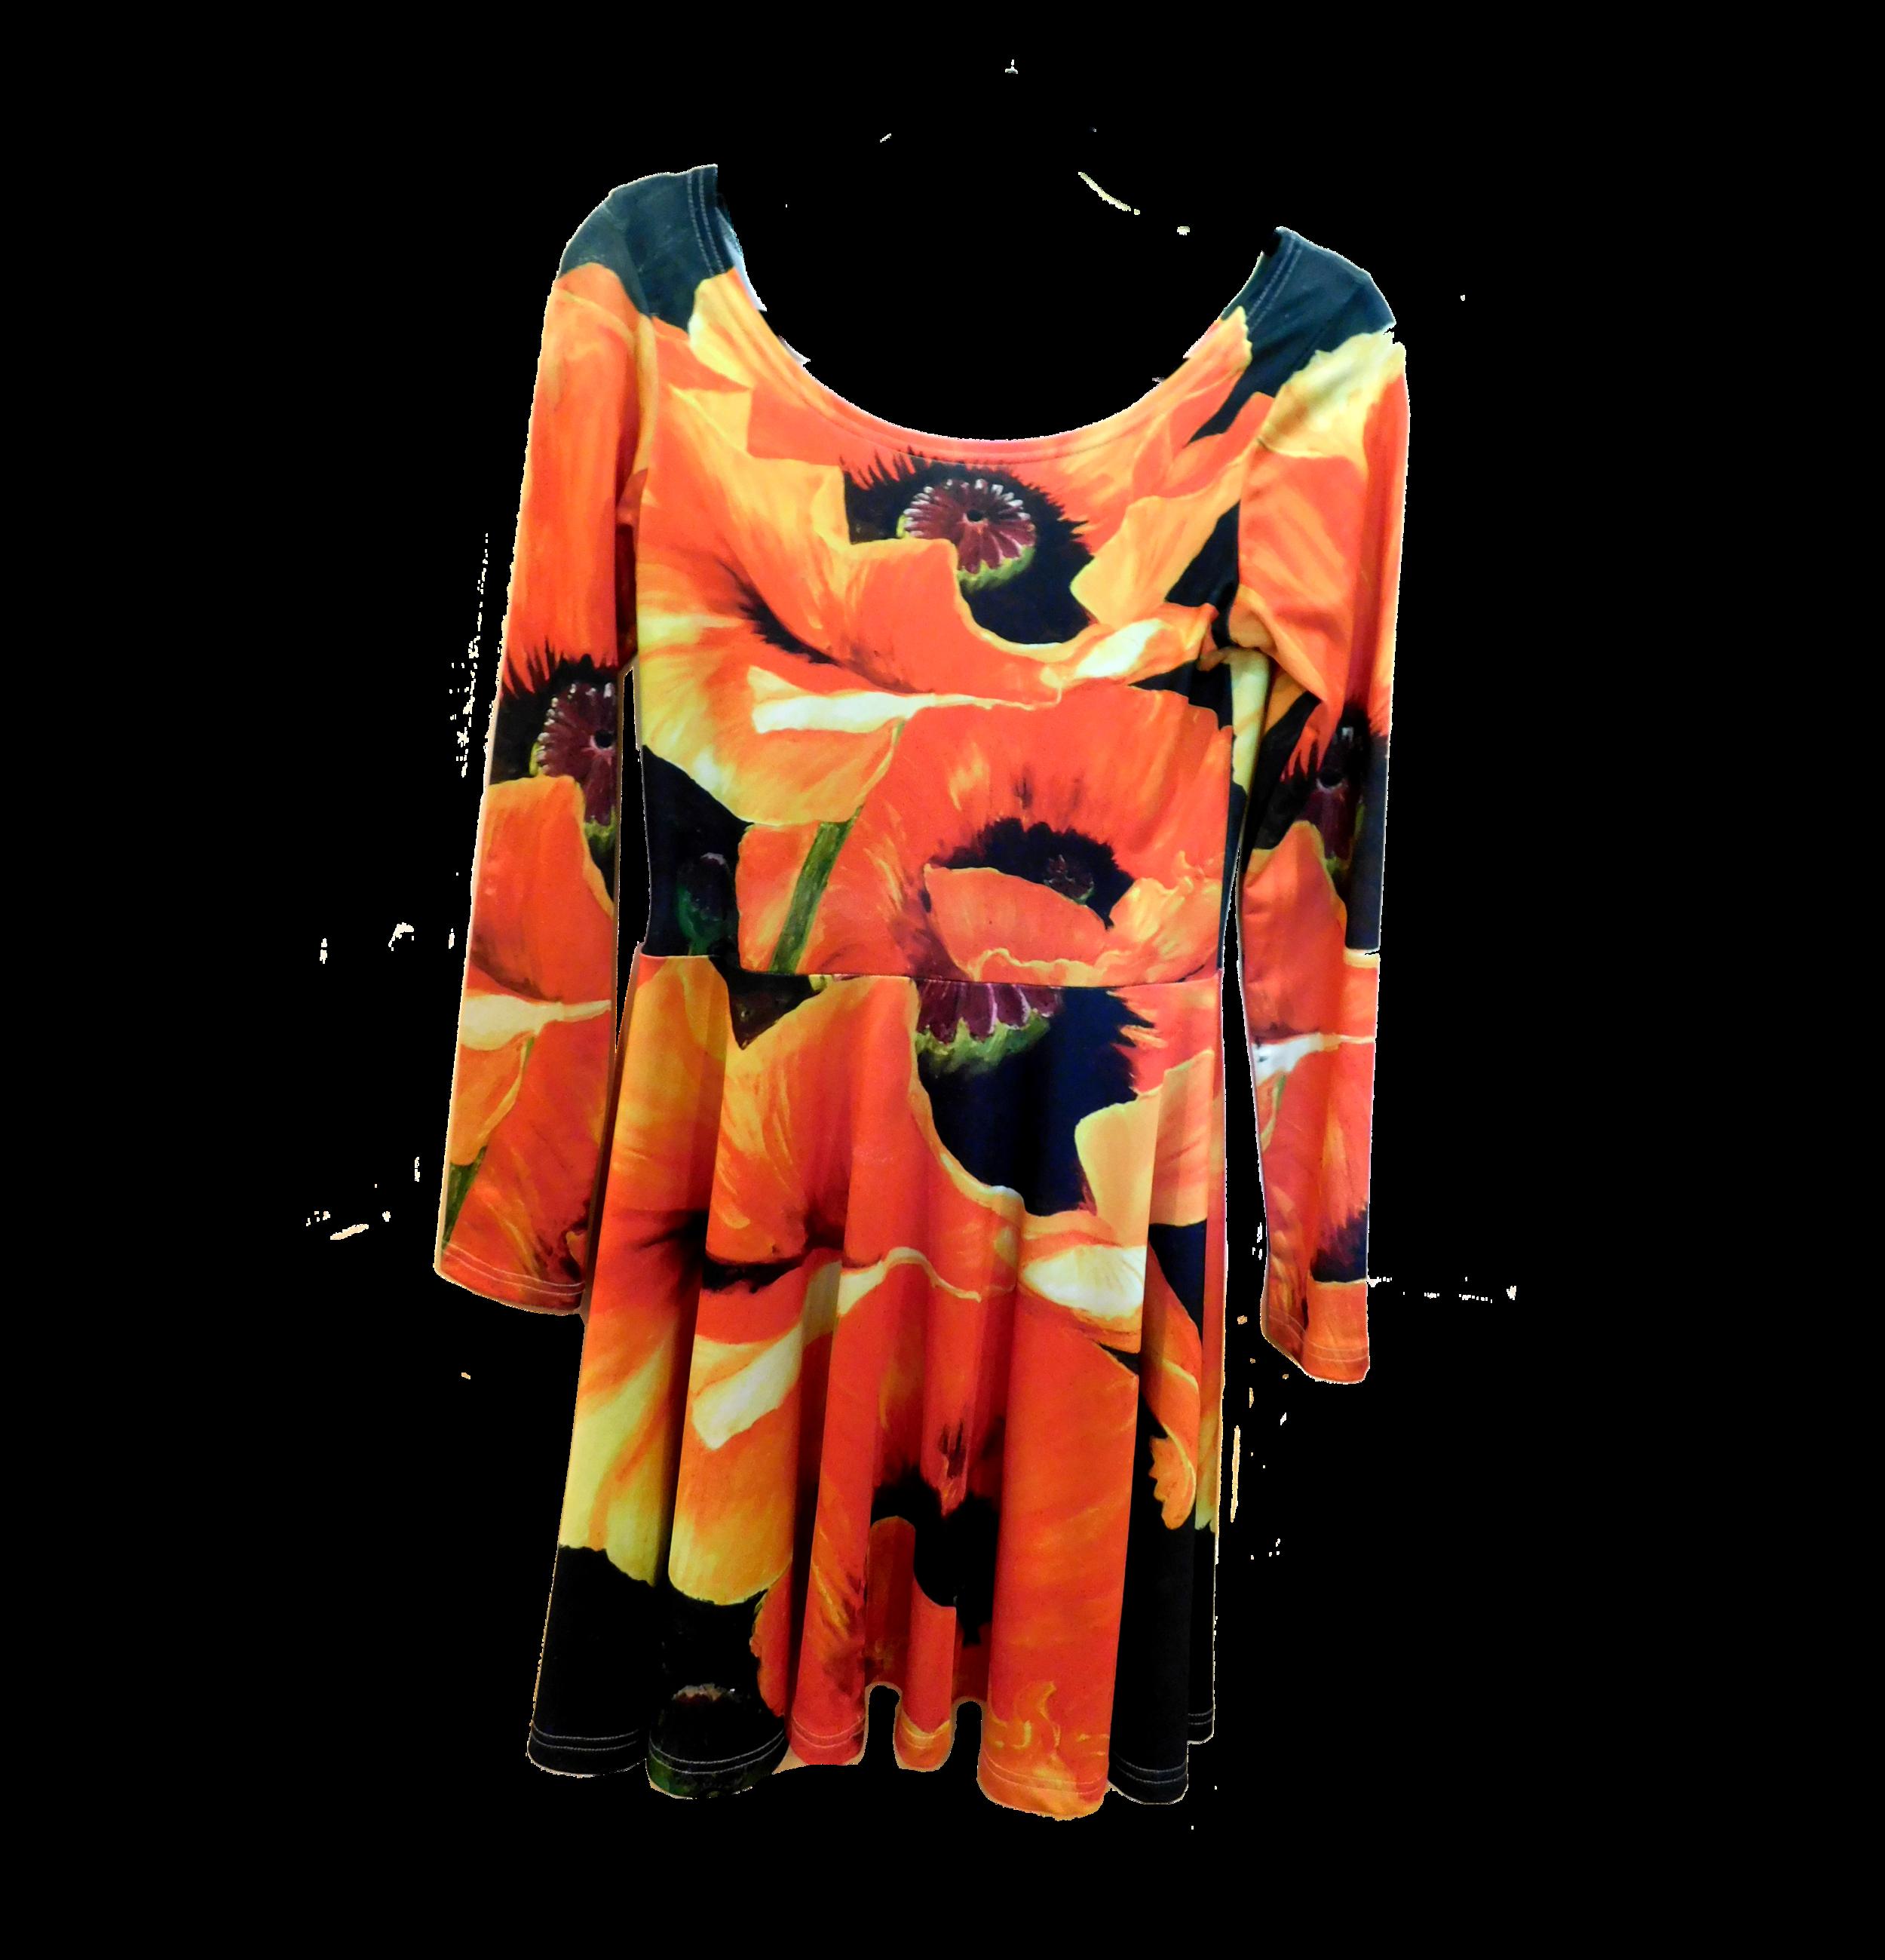 Long Sleeve Skater Dress - $ 60